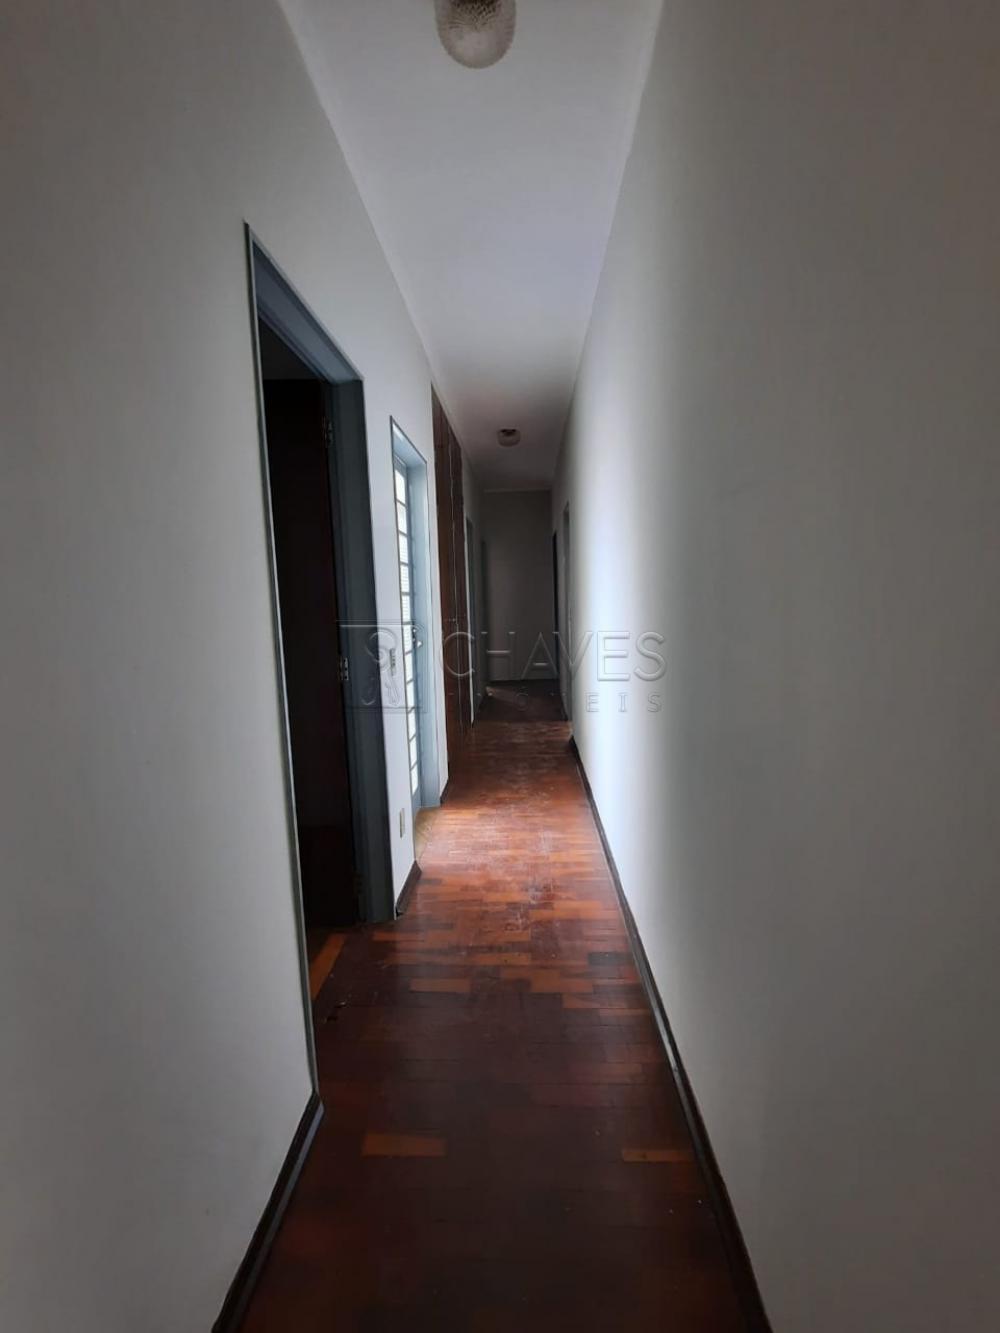 Alugar Casa / Padrão em Ribeirão Preto apenas R$ 1.800,00 - Foto 7